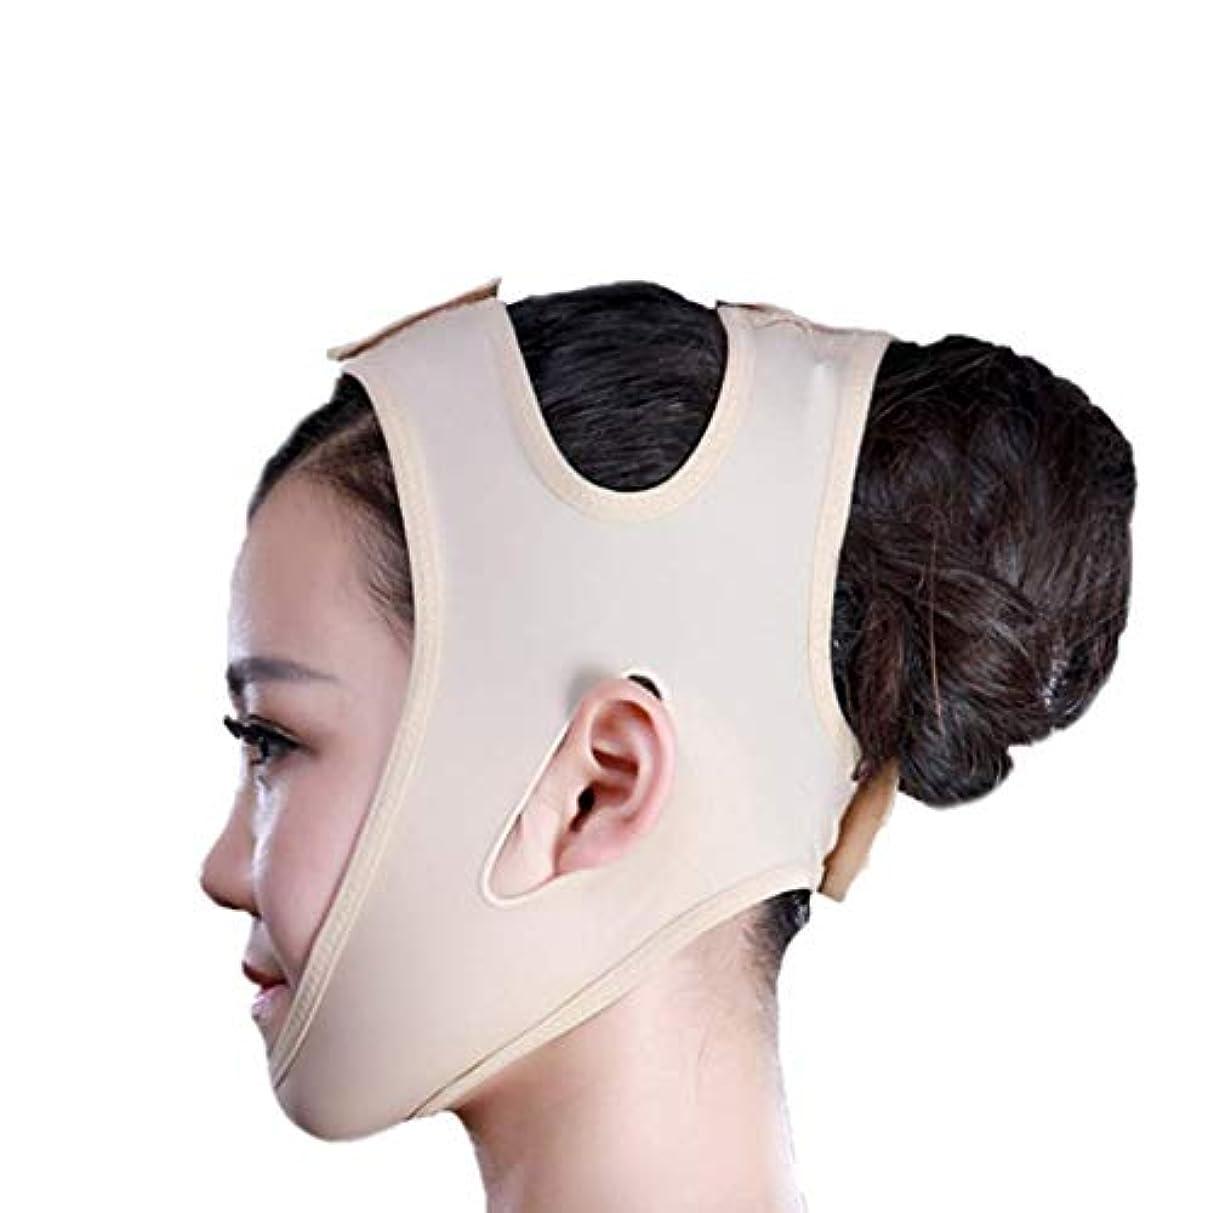 アラブデッド悲しいフェイススリミングマスク、快適さと通気性、フェイシャルリフティング、輪郭の改善された硬さ、ファーミングとリフティングフェイス(カラー:ブラック、サイズ:XL),黄色がかったピンク、M